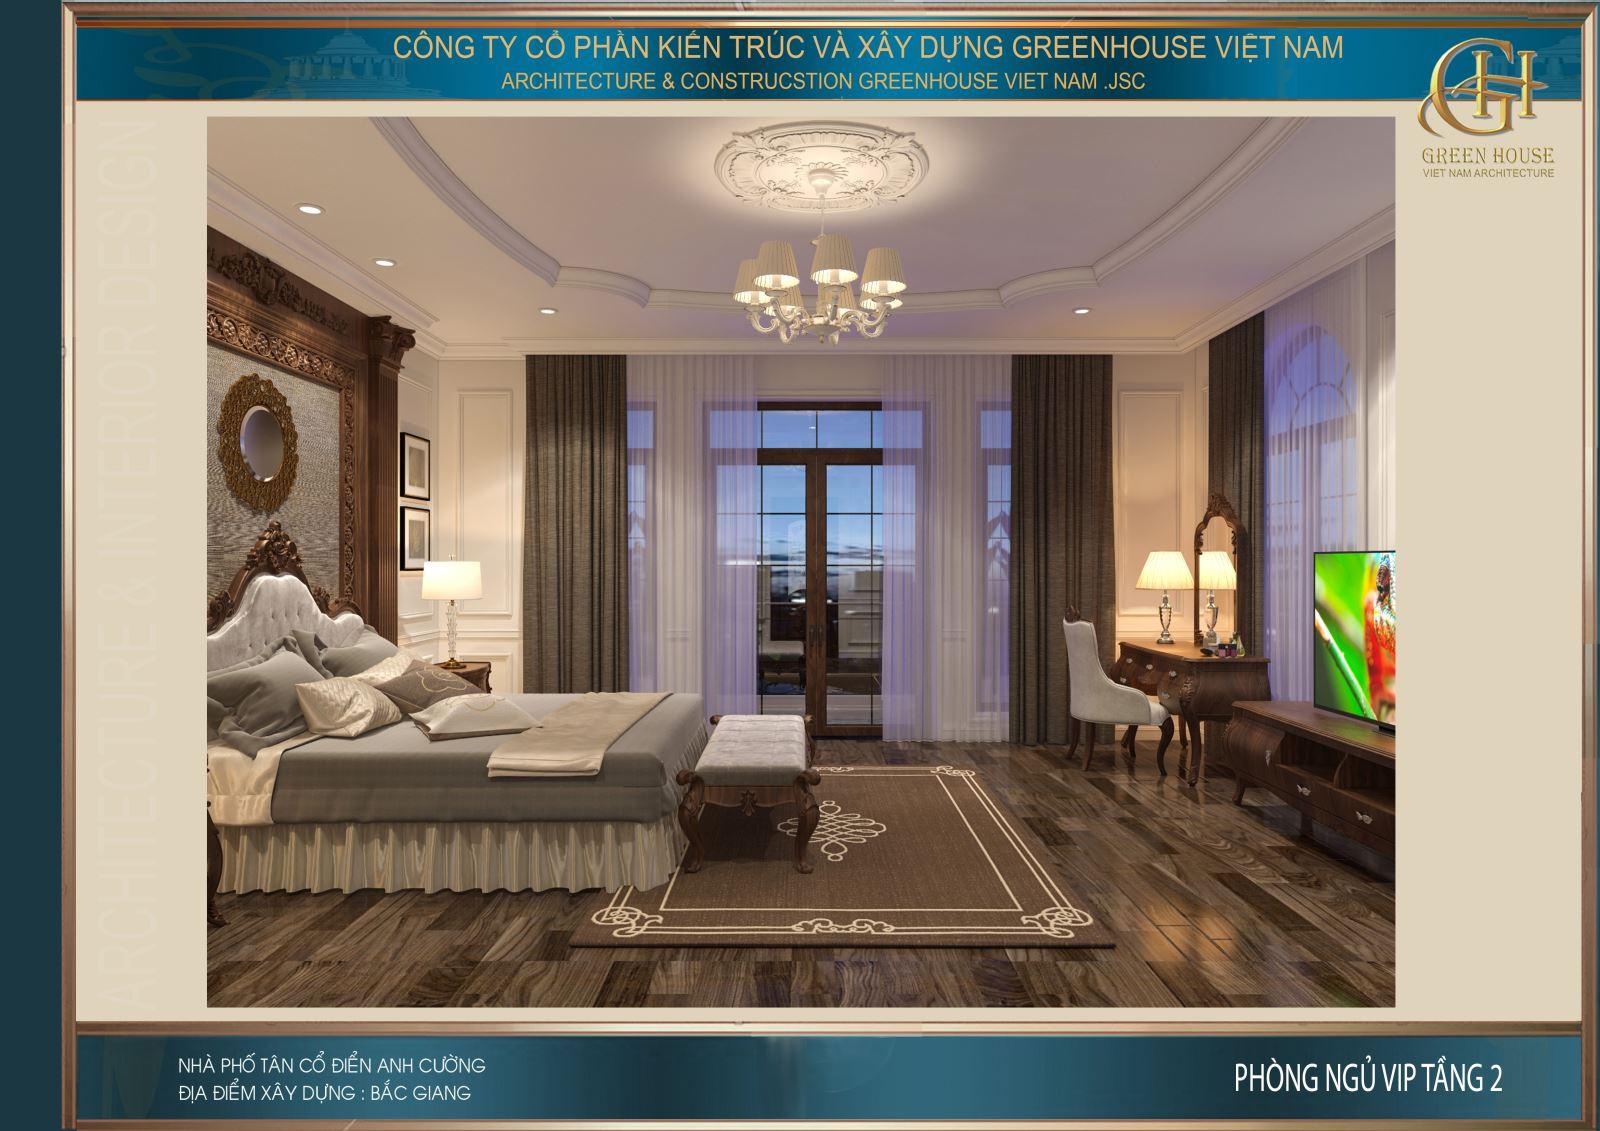 Khung cửa kính lớn mang sáng vào cho không gian phòng ngủ